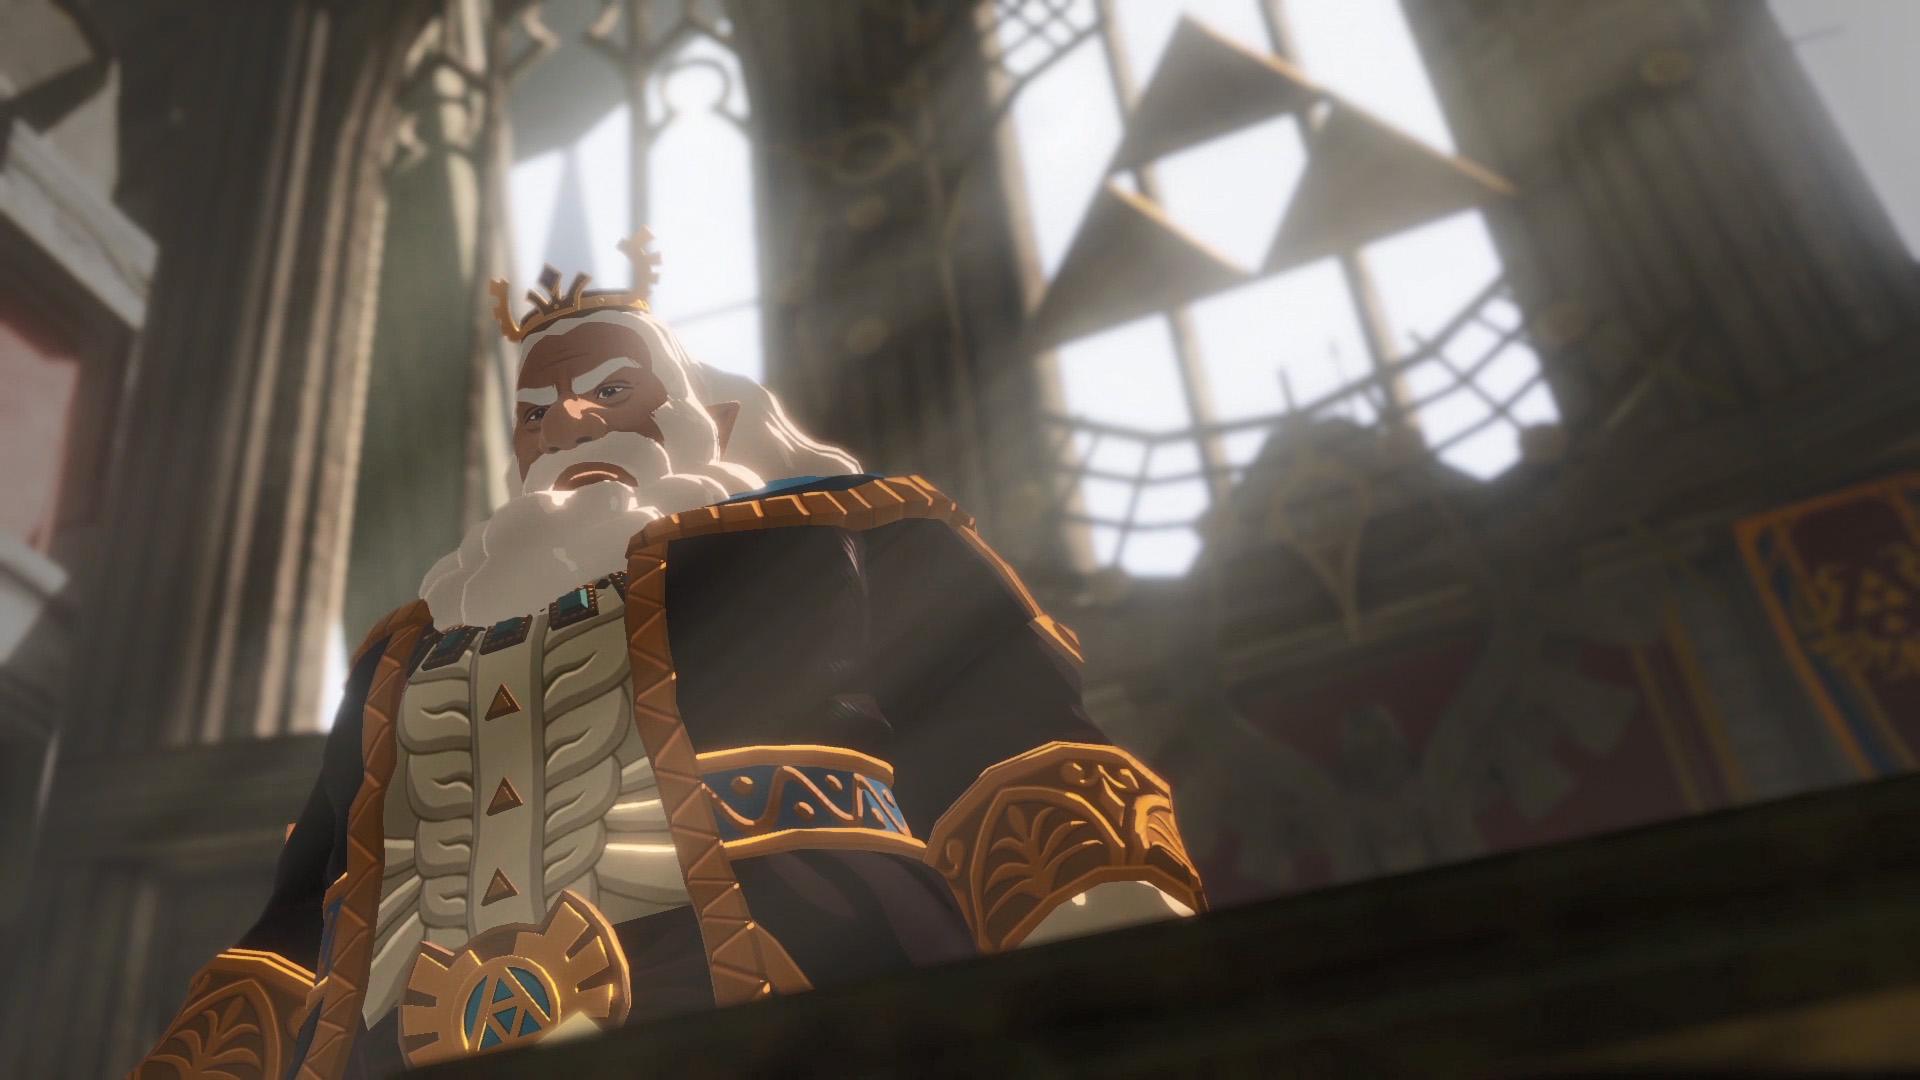 Der König von Hyrule hat natürlich auch seinen Auftritt.